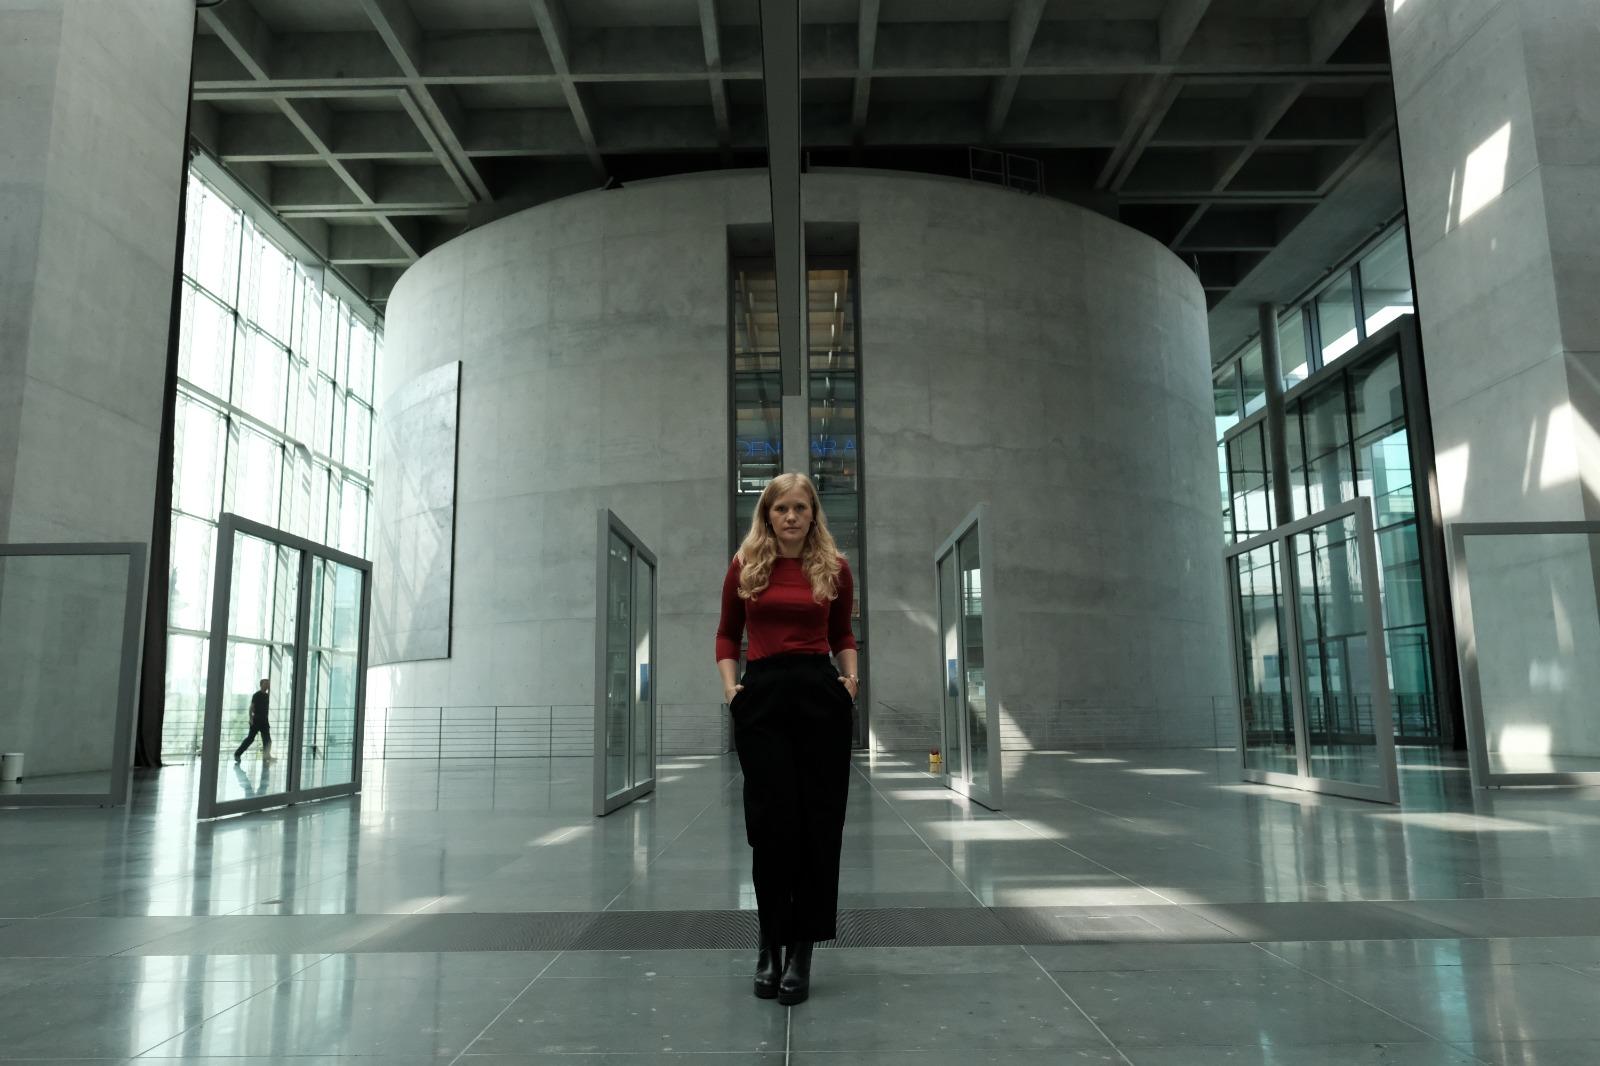 Josephine Ortleb, MdB (SPD): Selbstbestimmung der Frau ist keine Bagatelle – Die Methode AKK entlarven